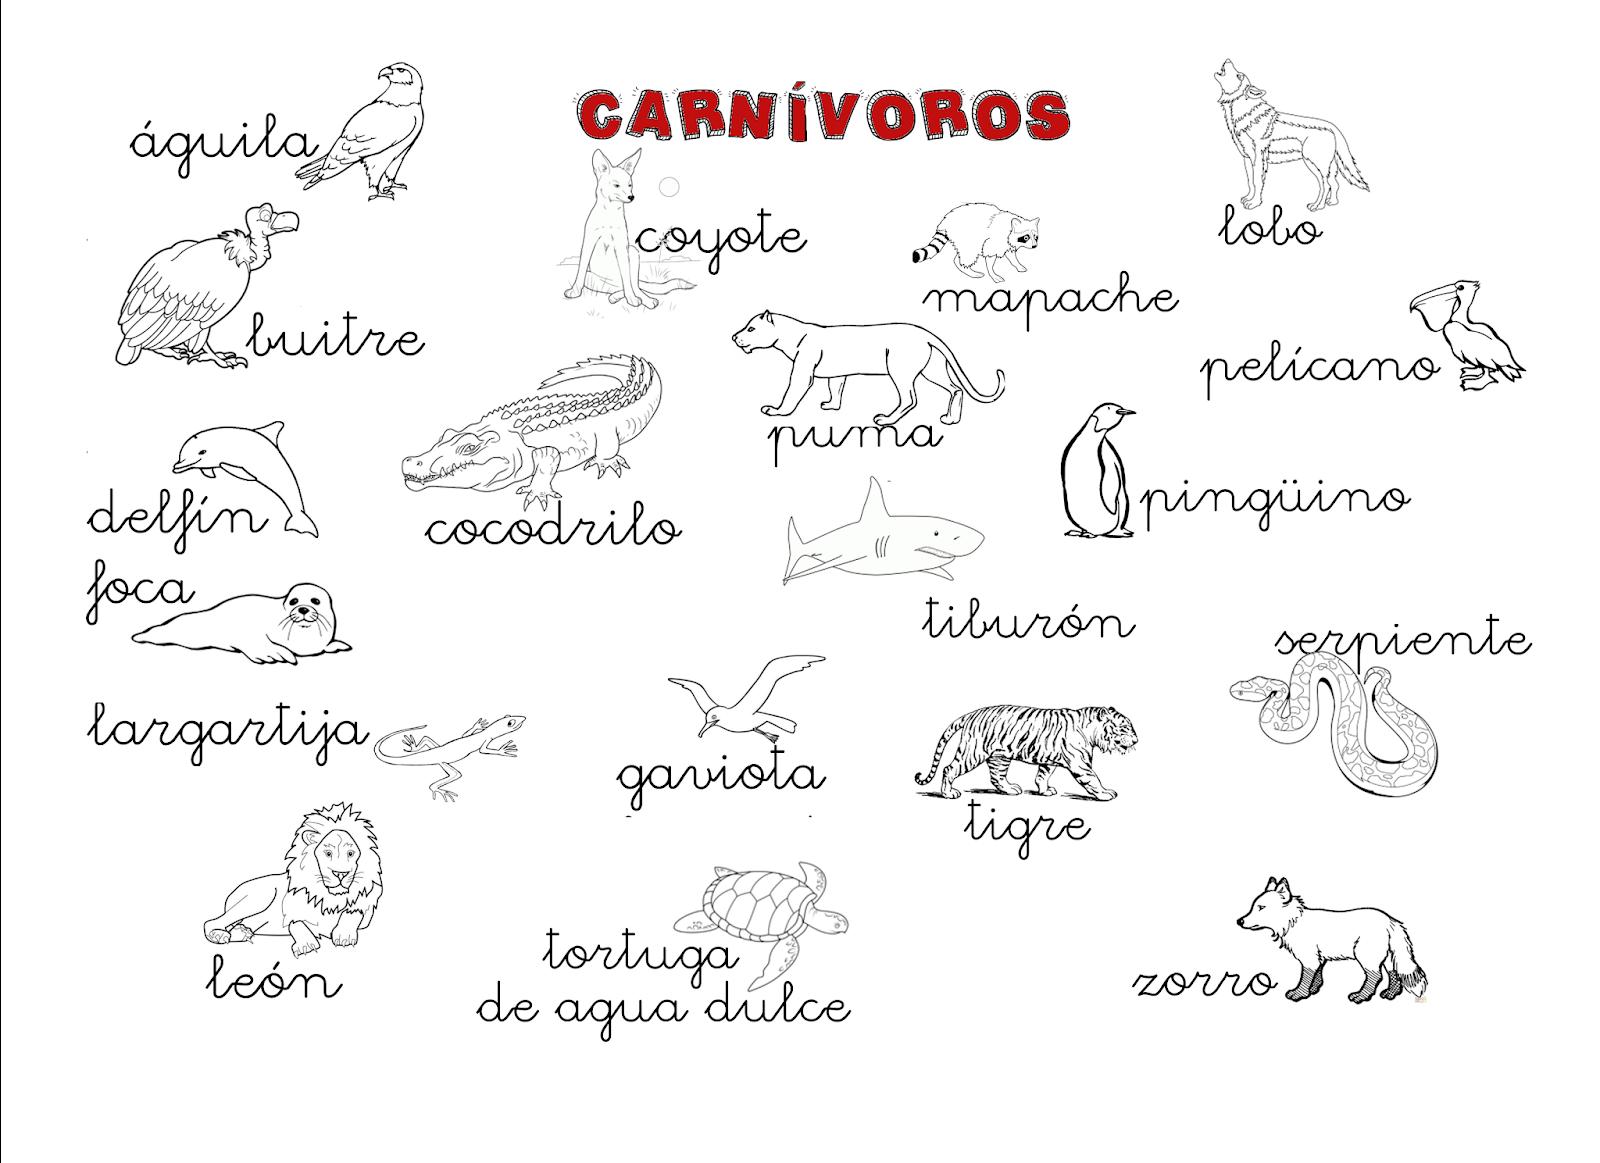 Que Puedo Hacer Hoy Animales Carnivoros Ejemplos